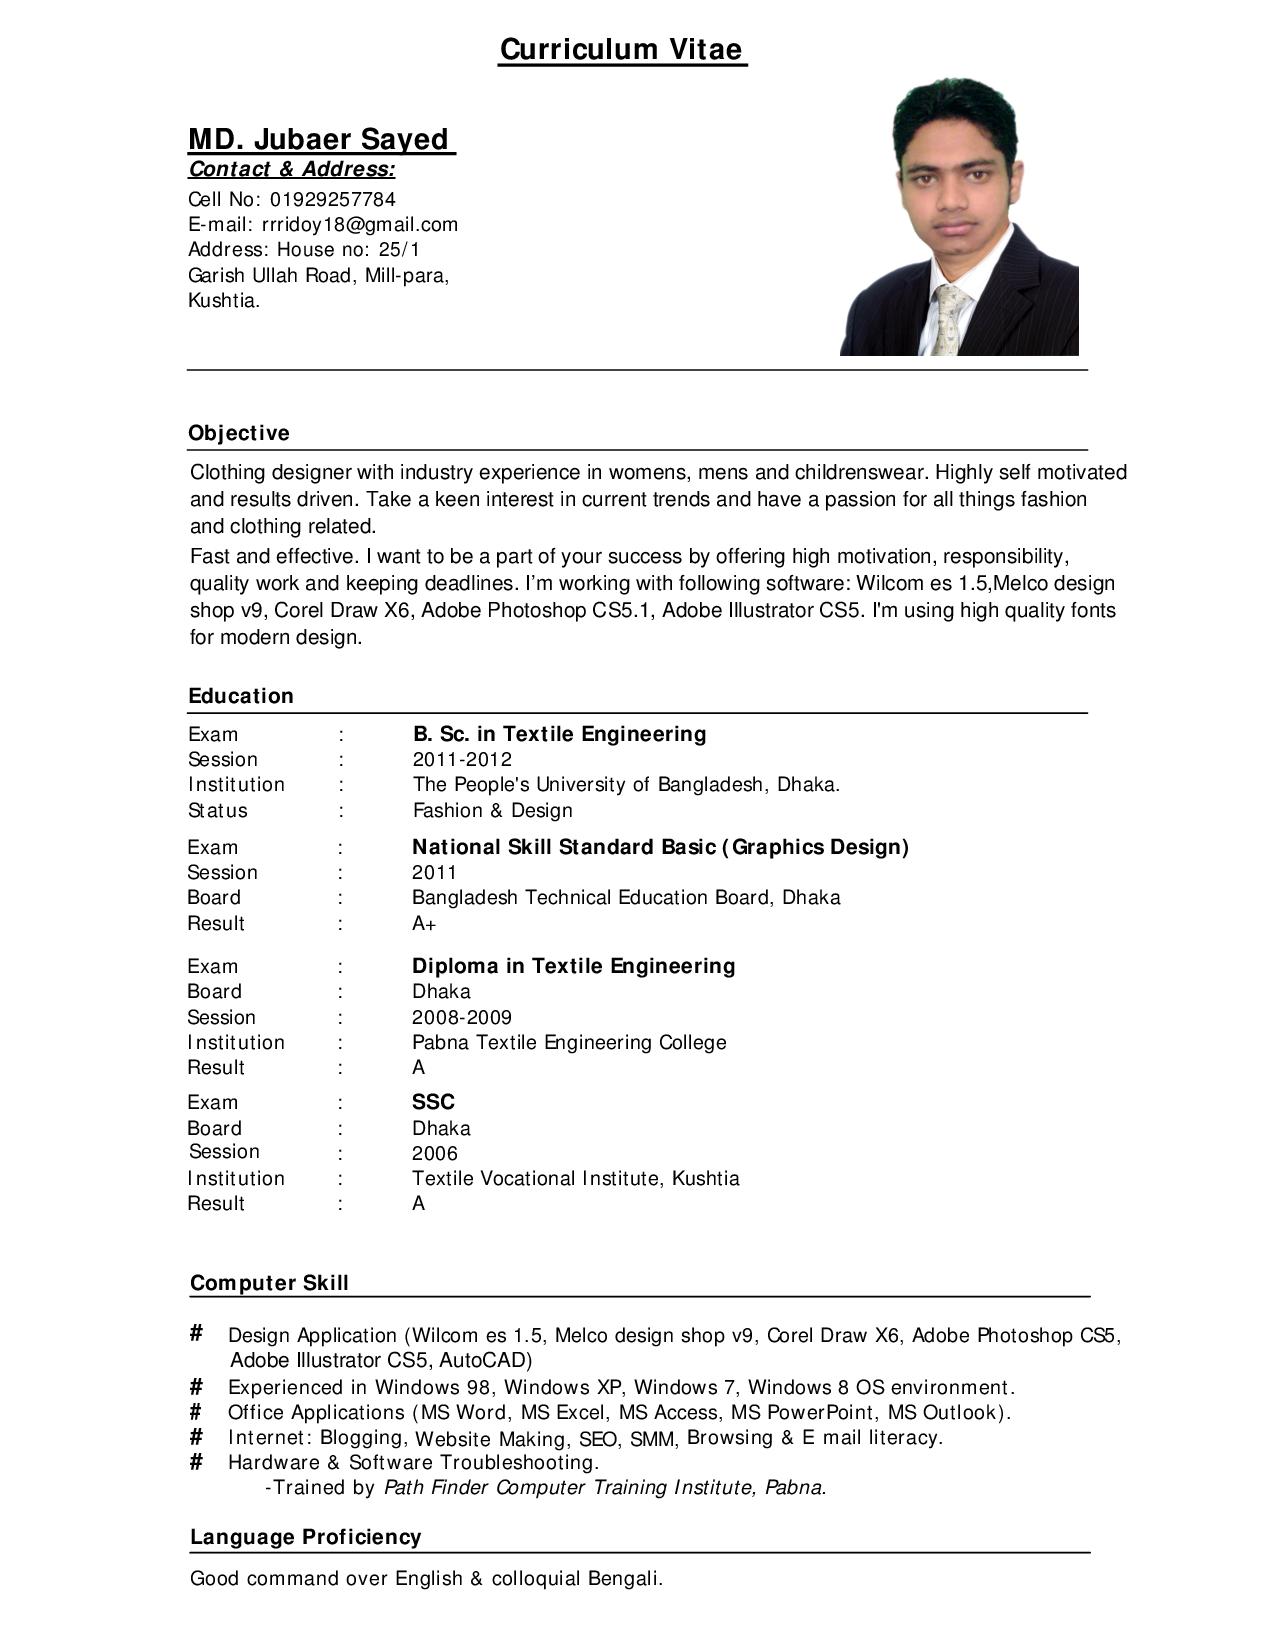 Curriculum Vitae Resume Samples